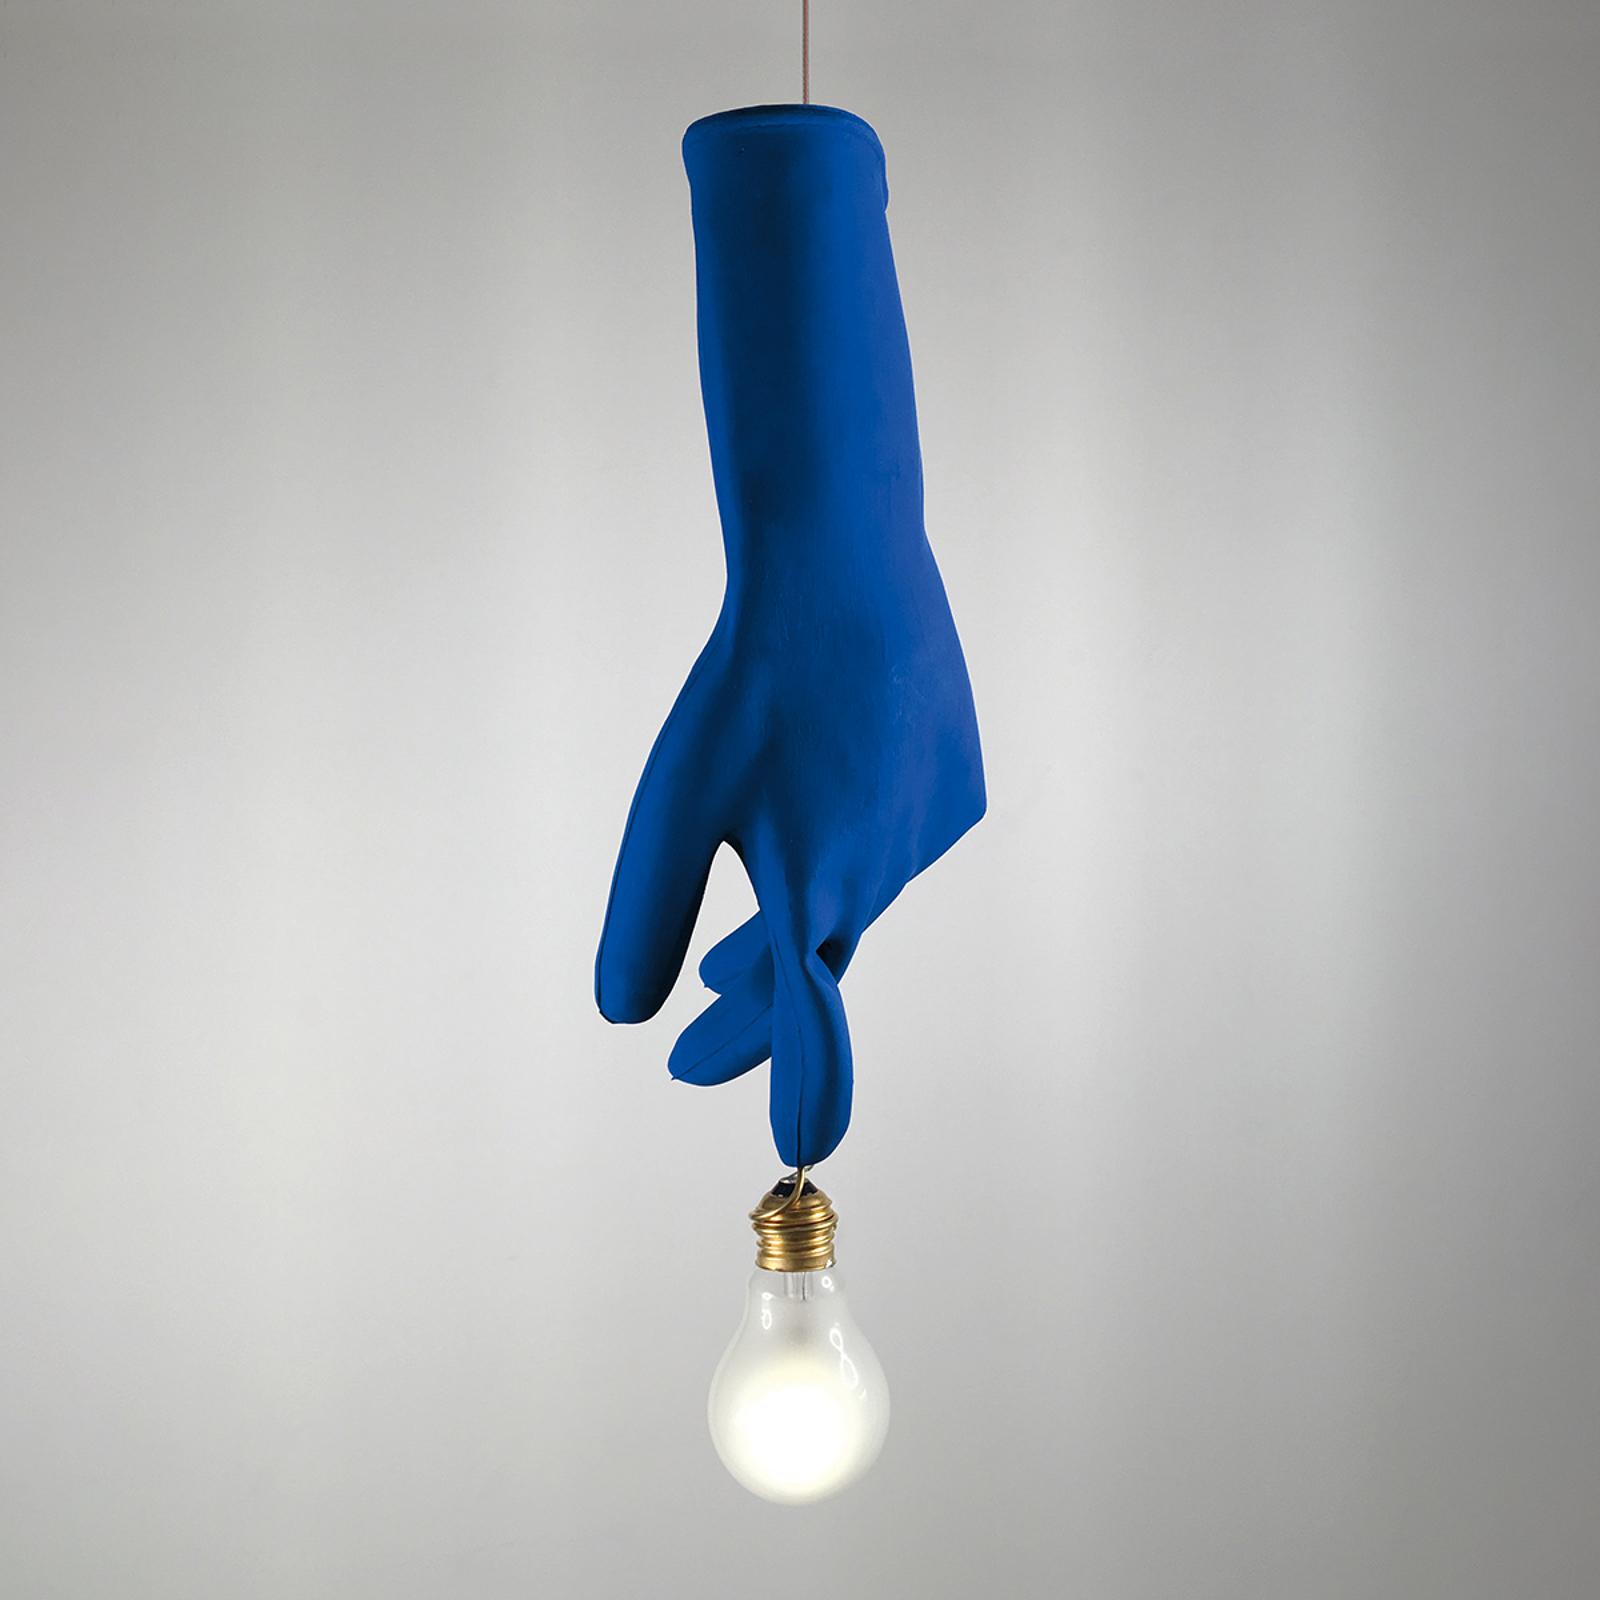 Ingo Maurer Blue Luzy LED-Hängeleuchte blau